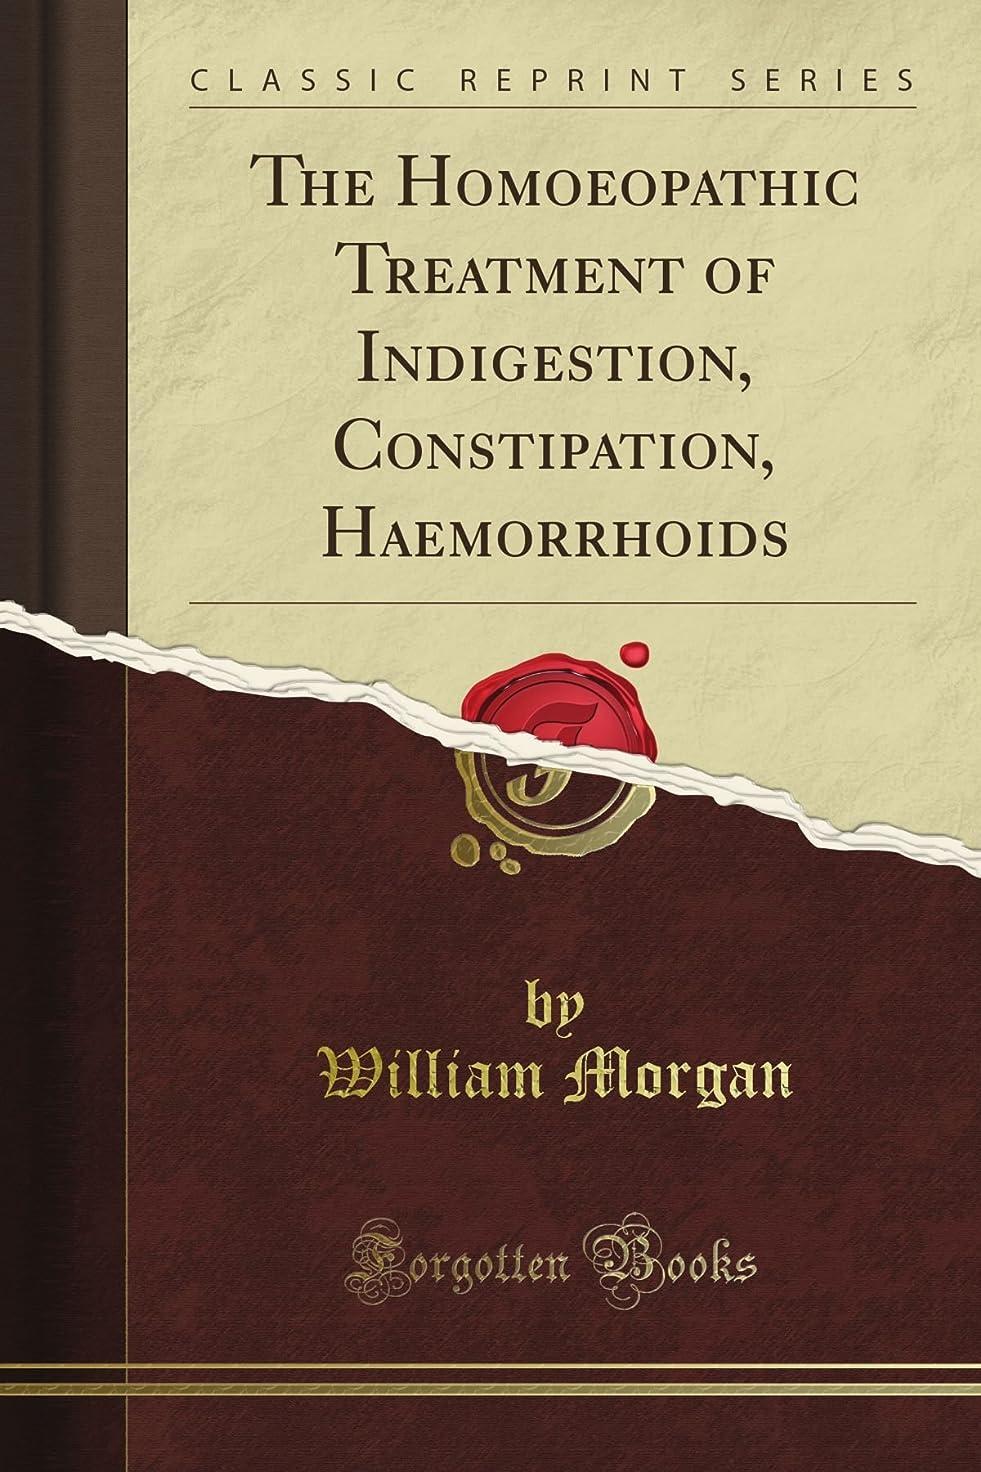 カセット大宇宙資本主義The Homoeopathic Treatment of Indigestion, Constipation, Haemorrhoids (Classic Reprint)